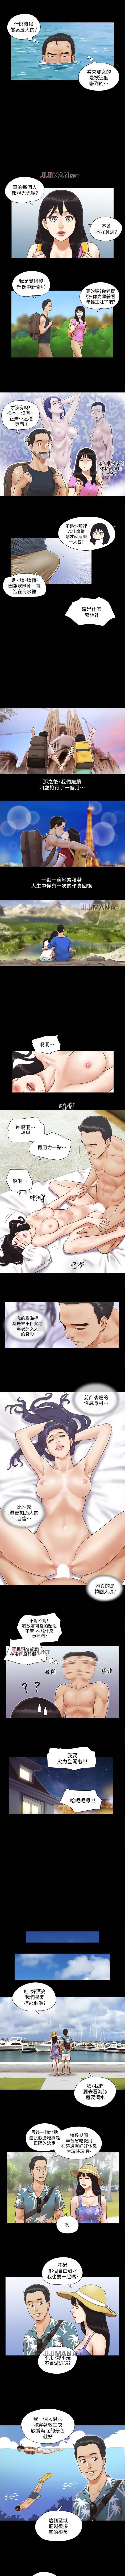 【周五连载】协议换爱(作者:遠德) 第1~57话 2